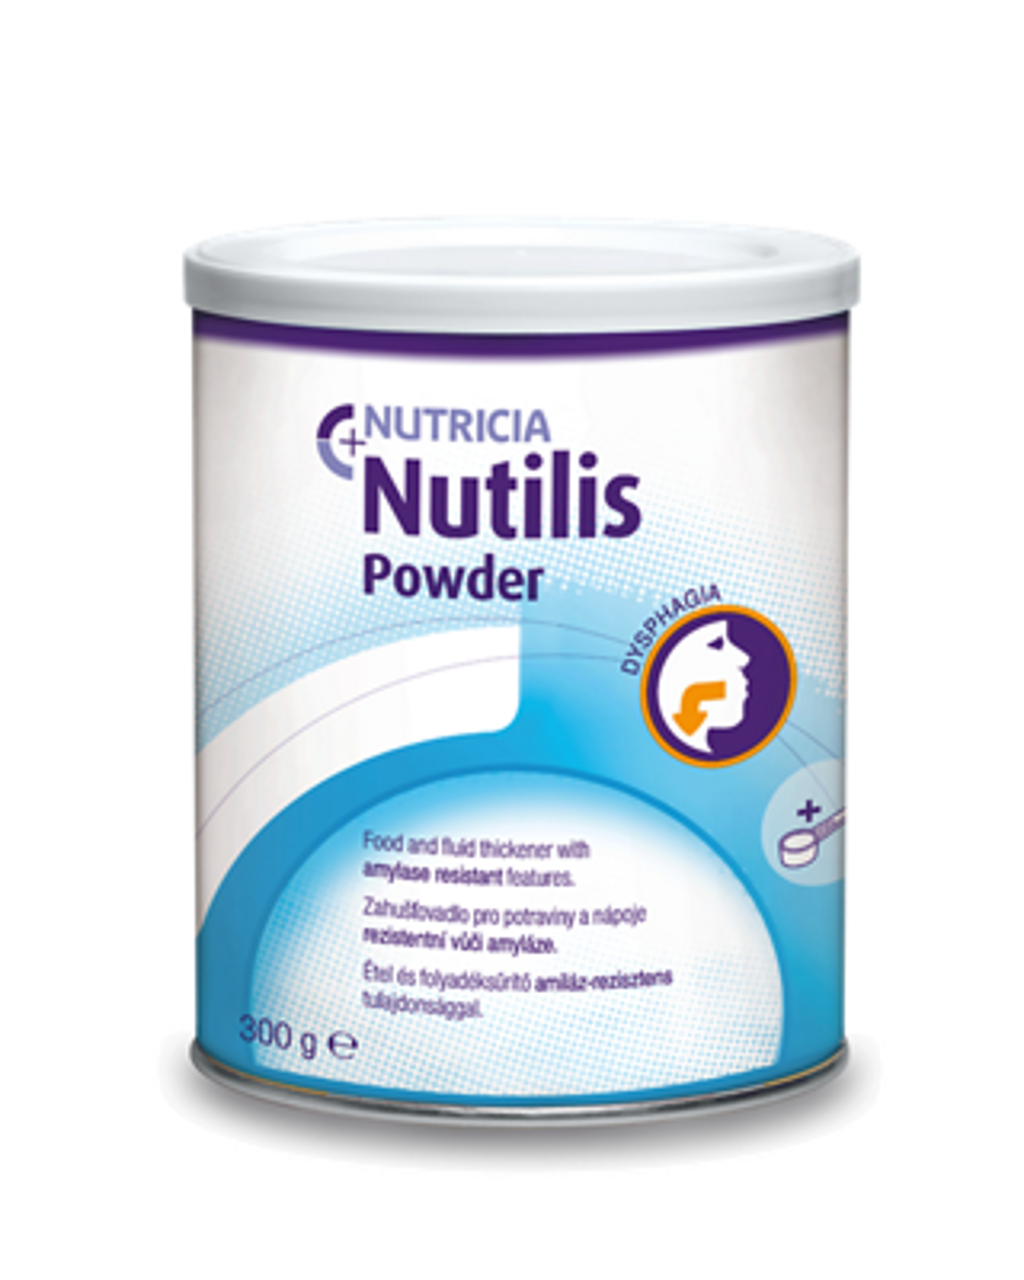 product-uki-nutilis-powder-packshot.png